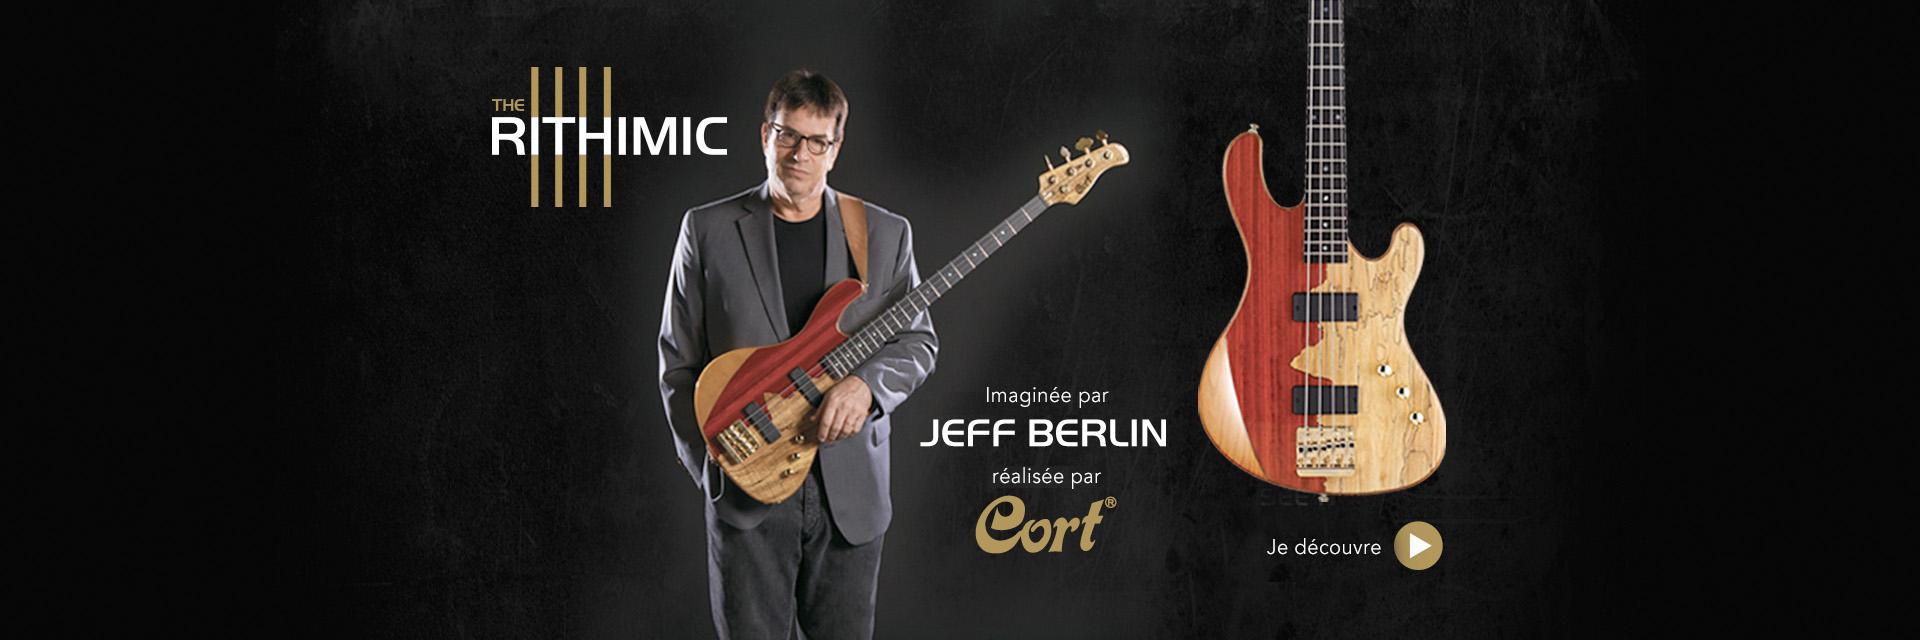 Jeff Berlin Rithimic